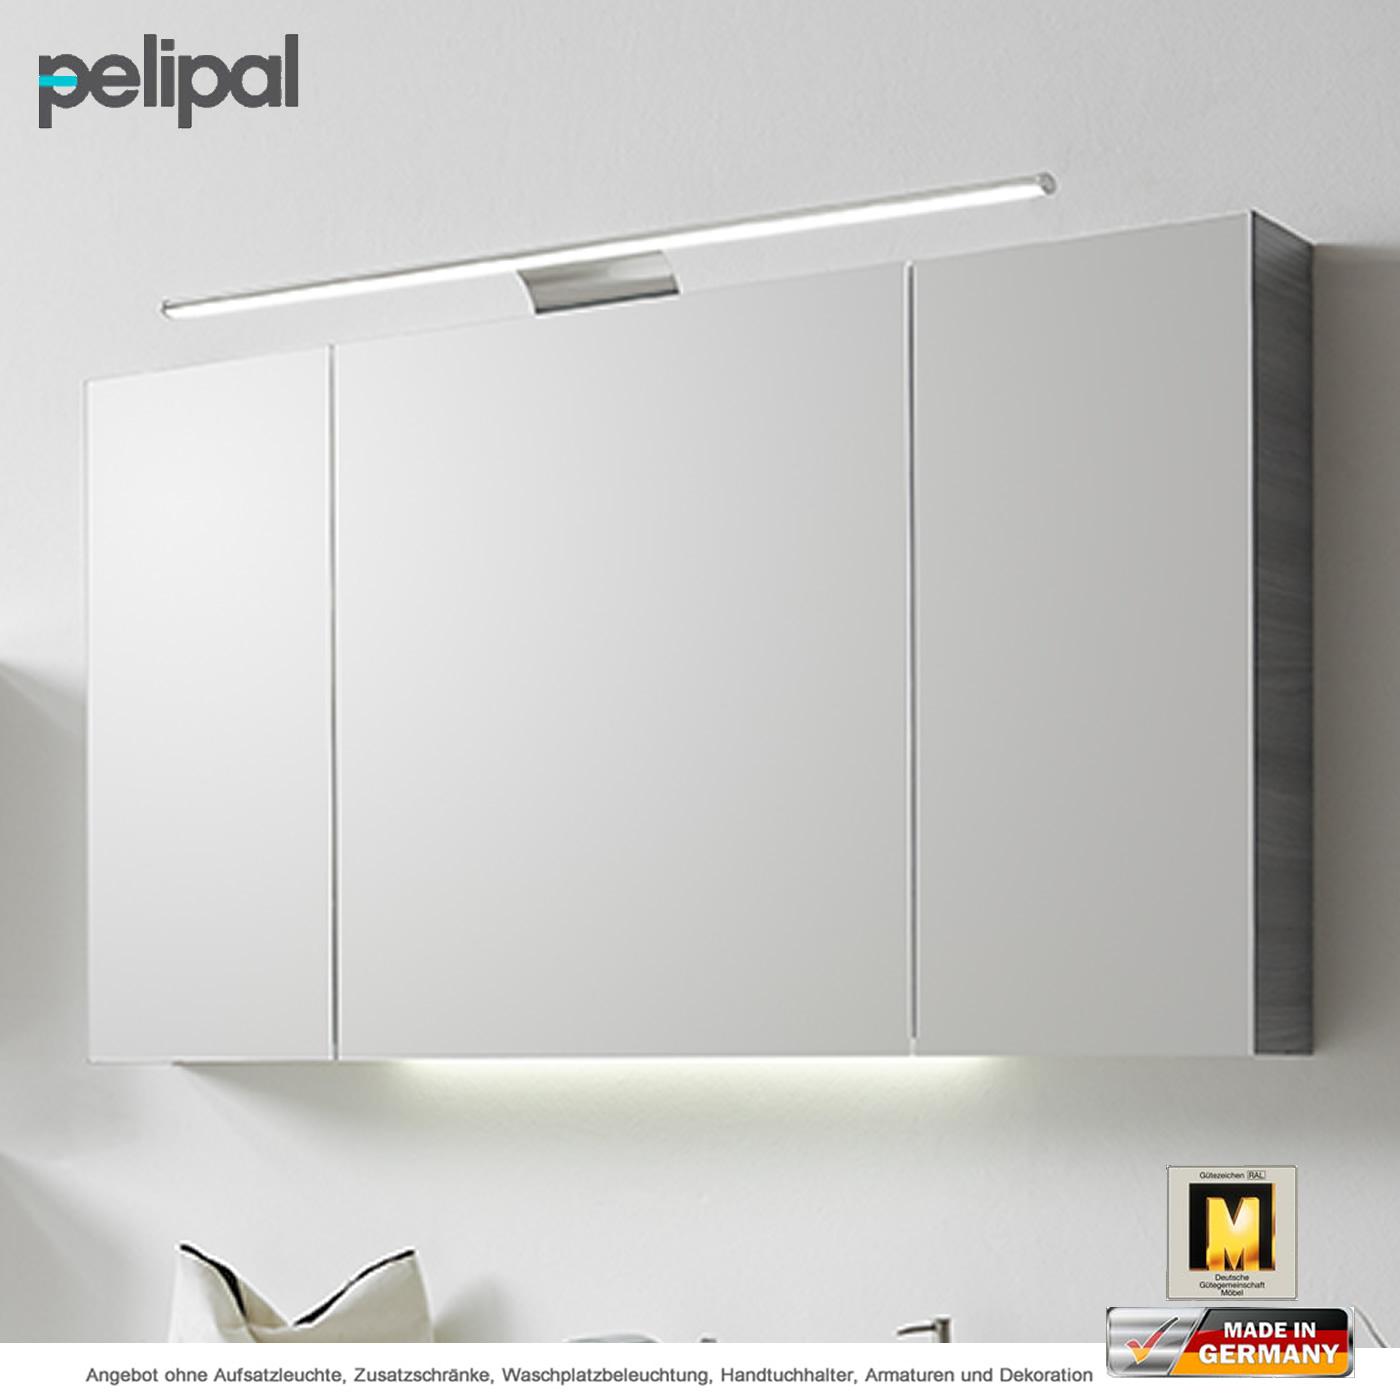 Pelipal Solitaire 6025 Spiegelschrank mit Aufsatzleuchte 115 cm ...